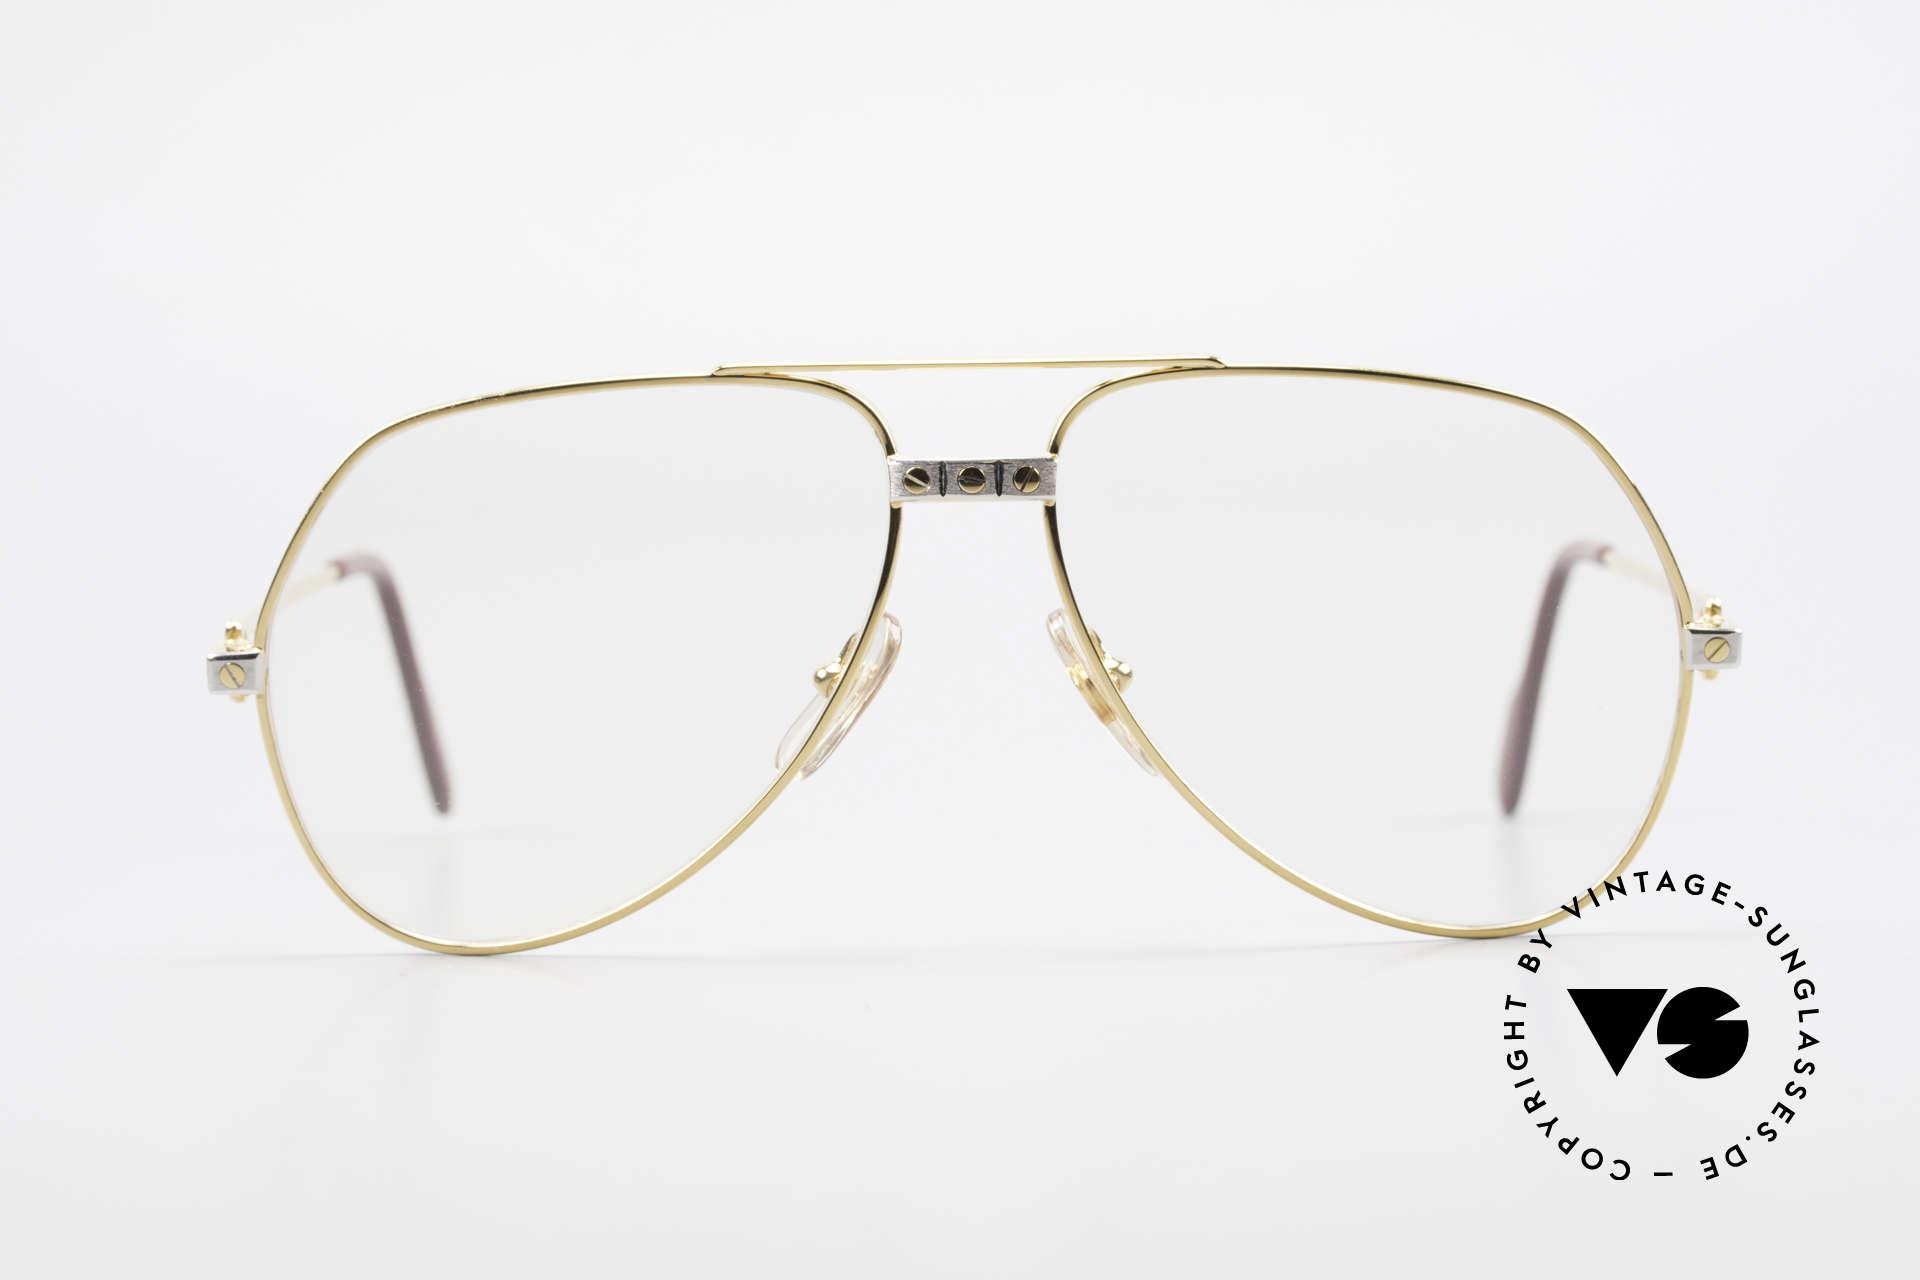 Cartier Vendome Santos - M Automatik Cartier Gläser, wurde 1983 veröffentlicht und dann bis 1997 produziert, Passend für Herren